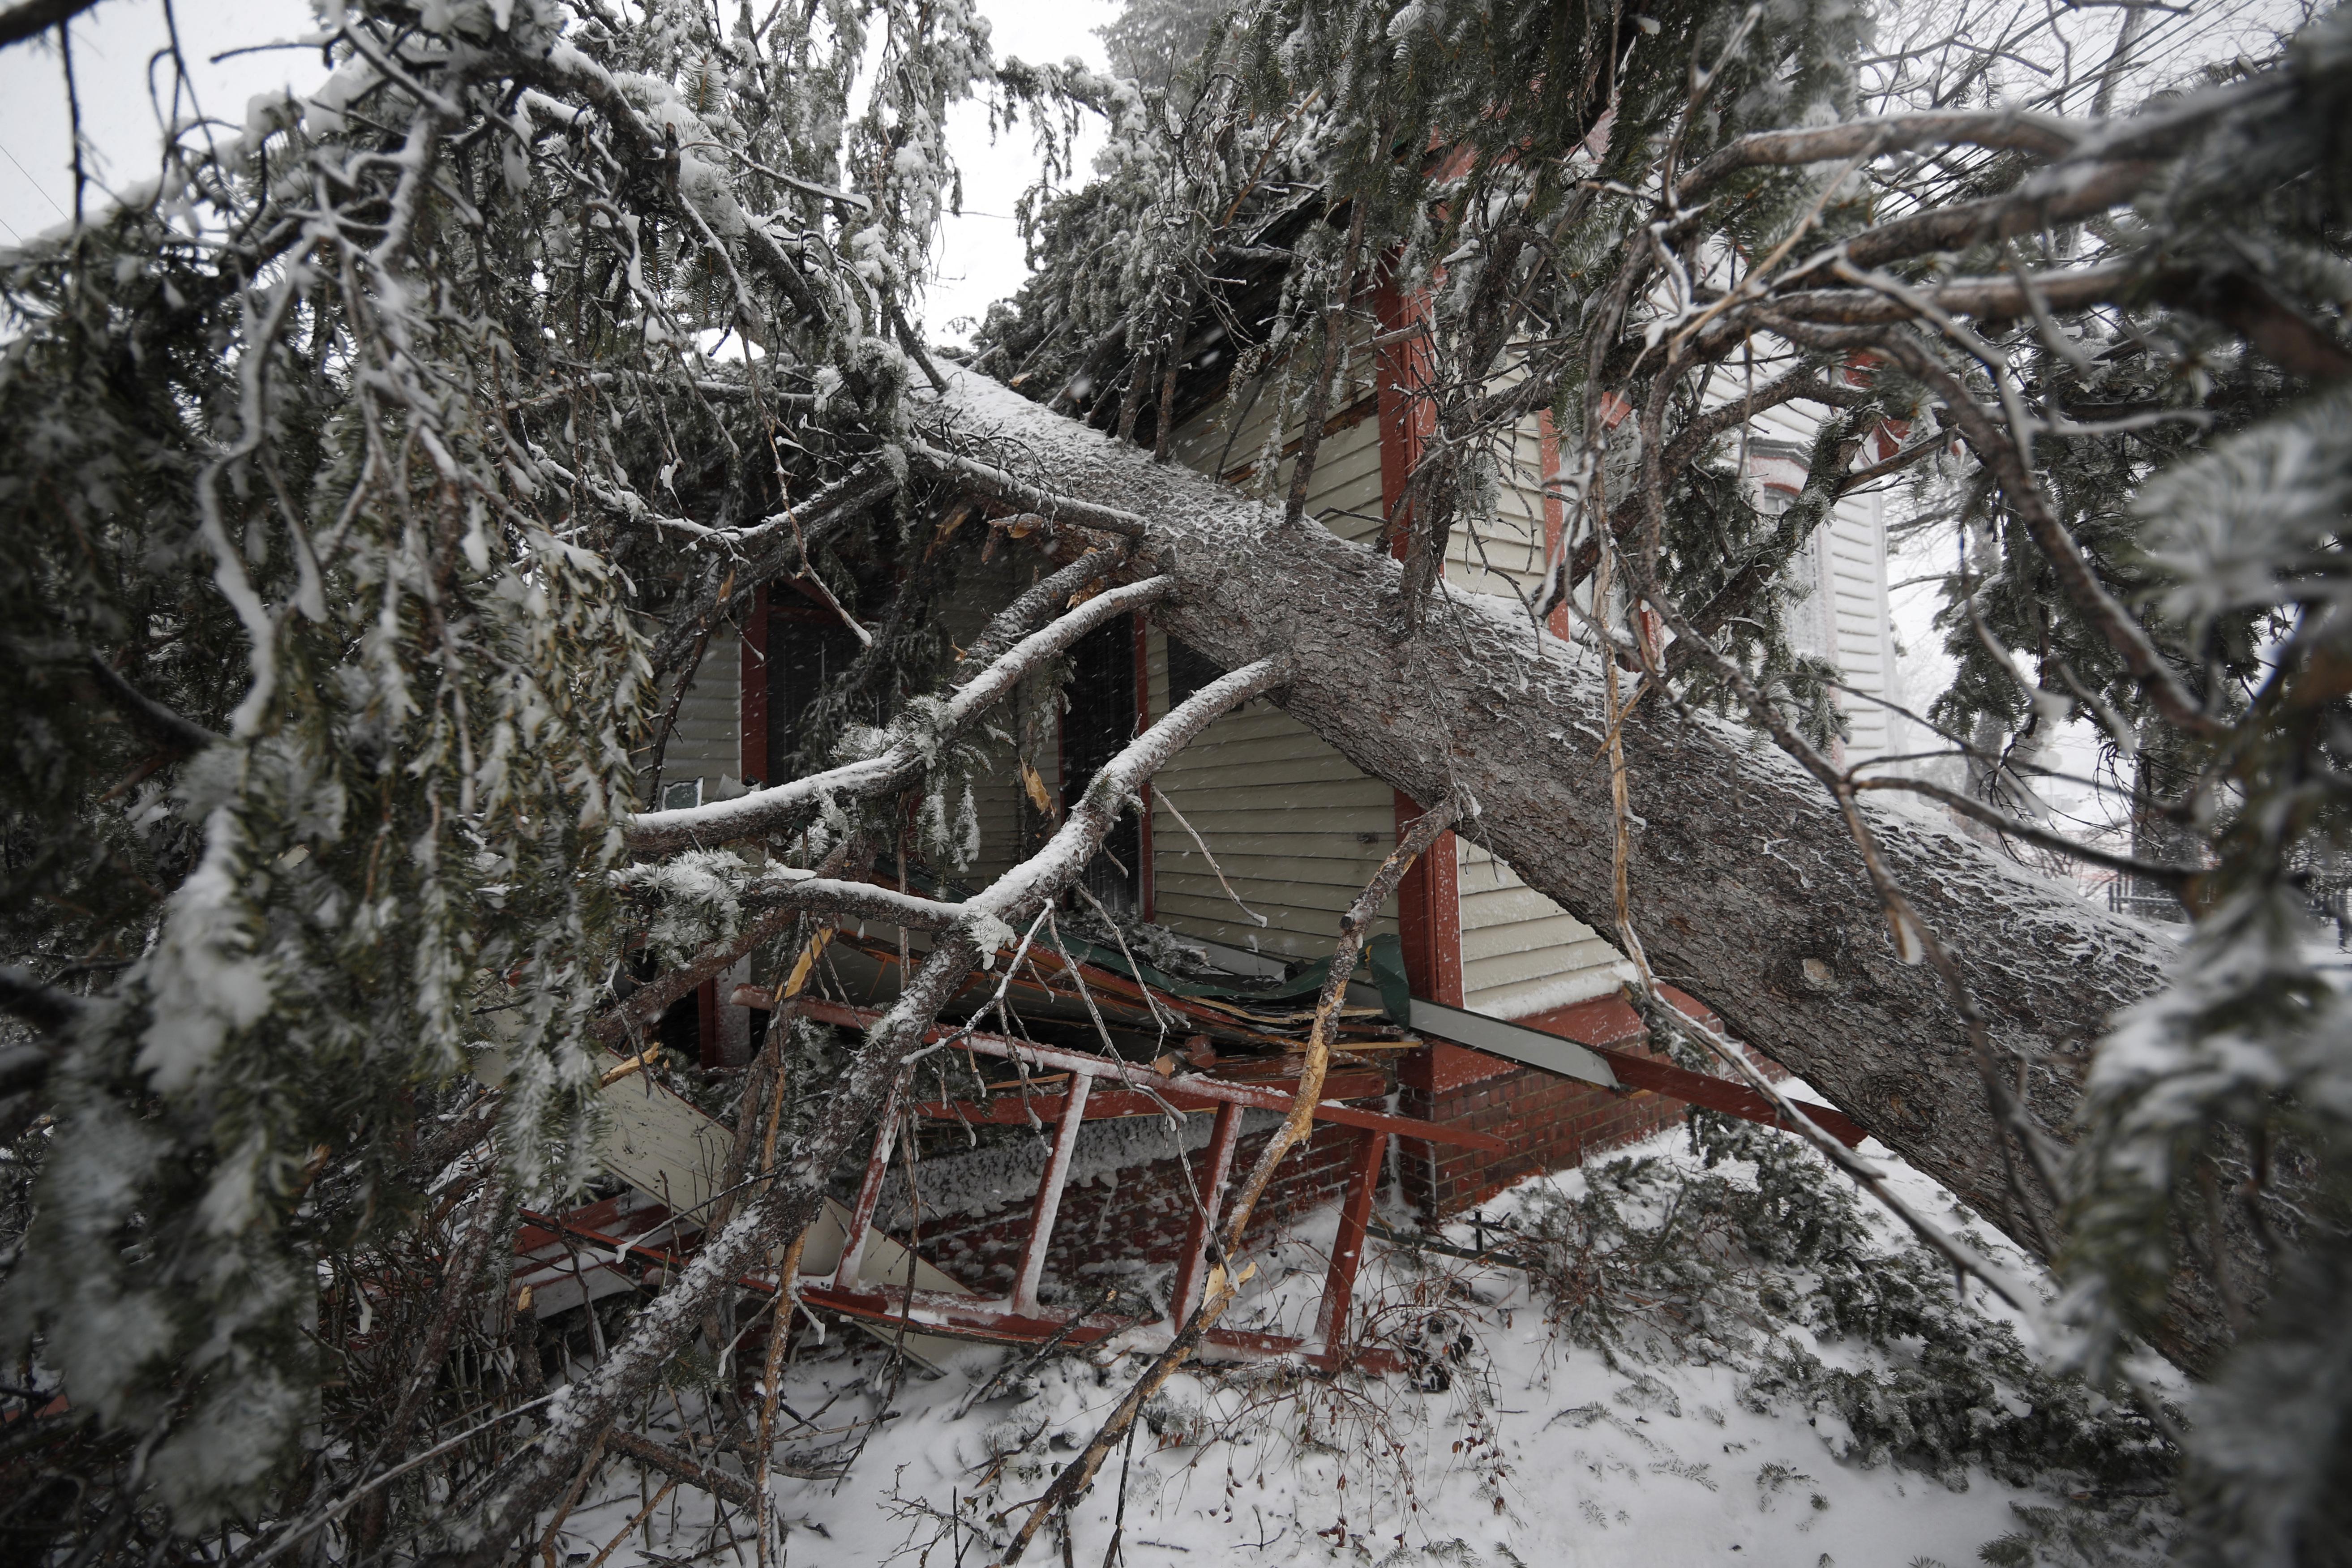 Otra vista de los daños causado a la casa Eugene Field en el Parque Washington, en Denver.